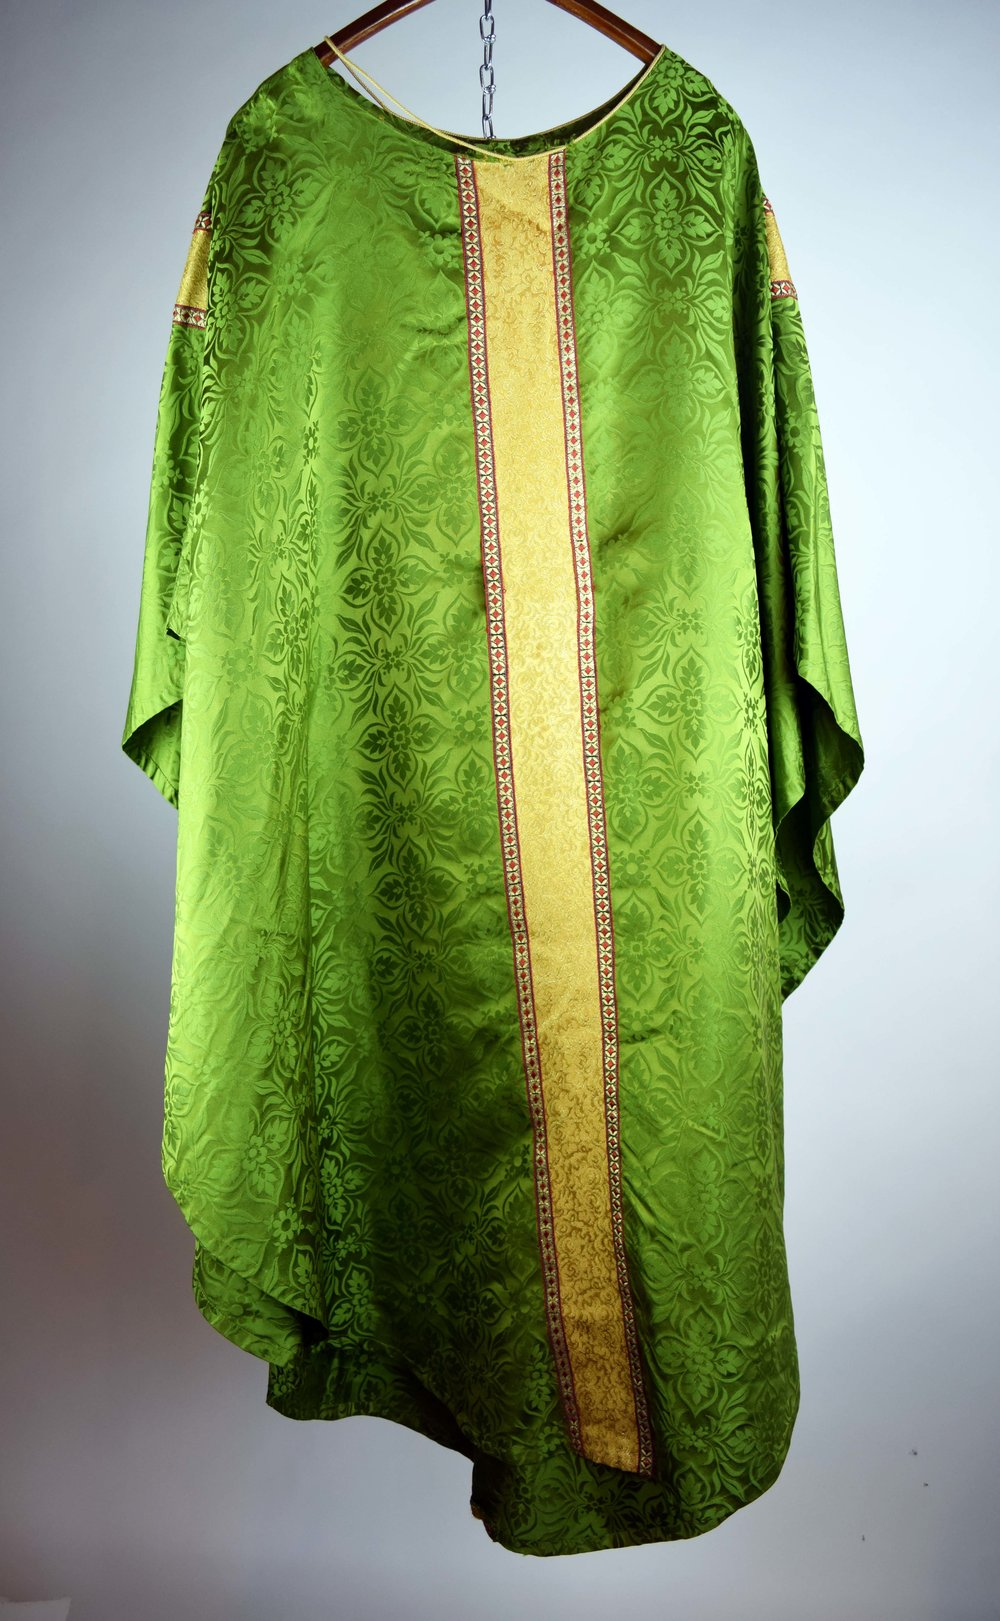 43381-4-religious-robe-back.JPG